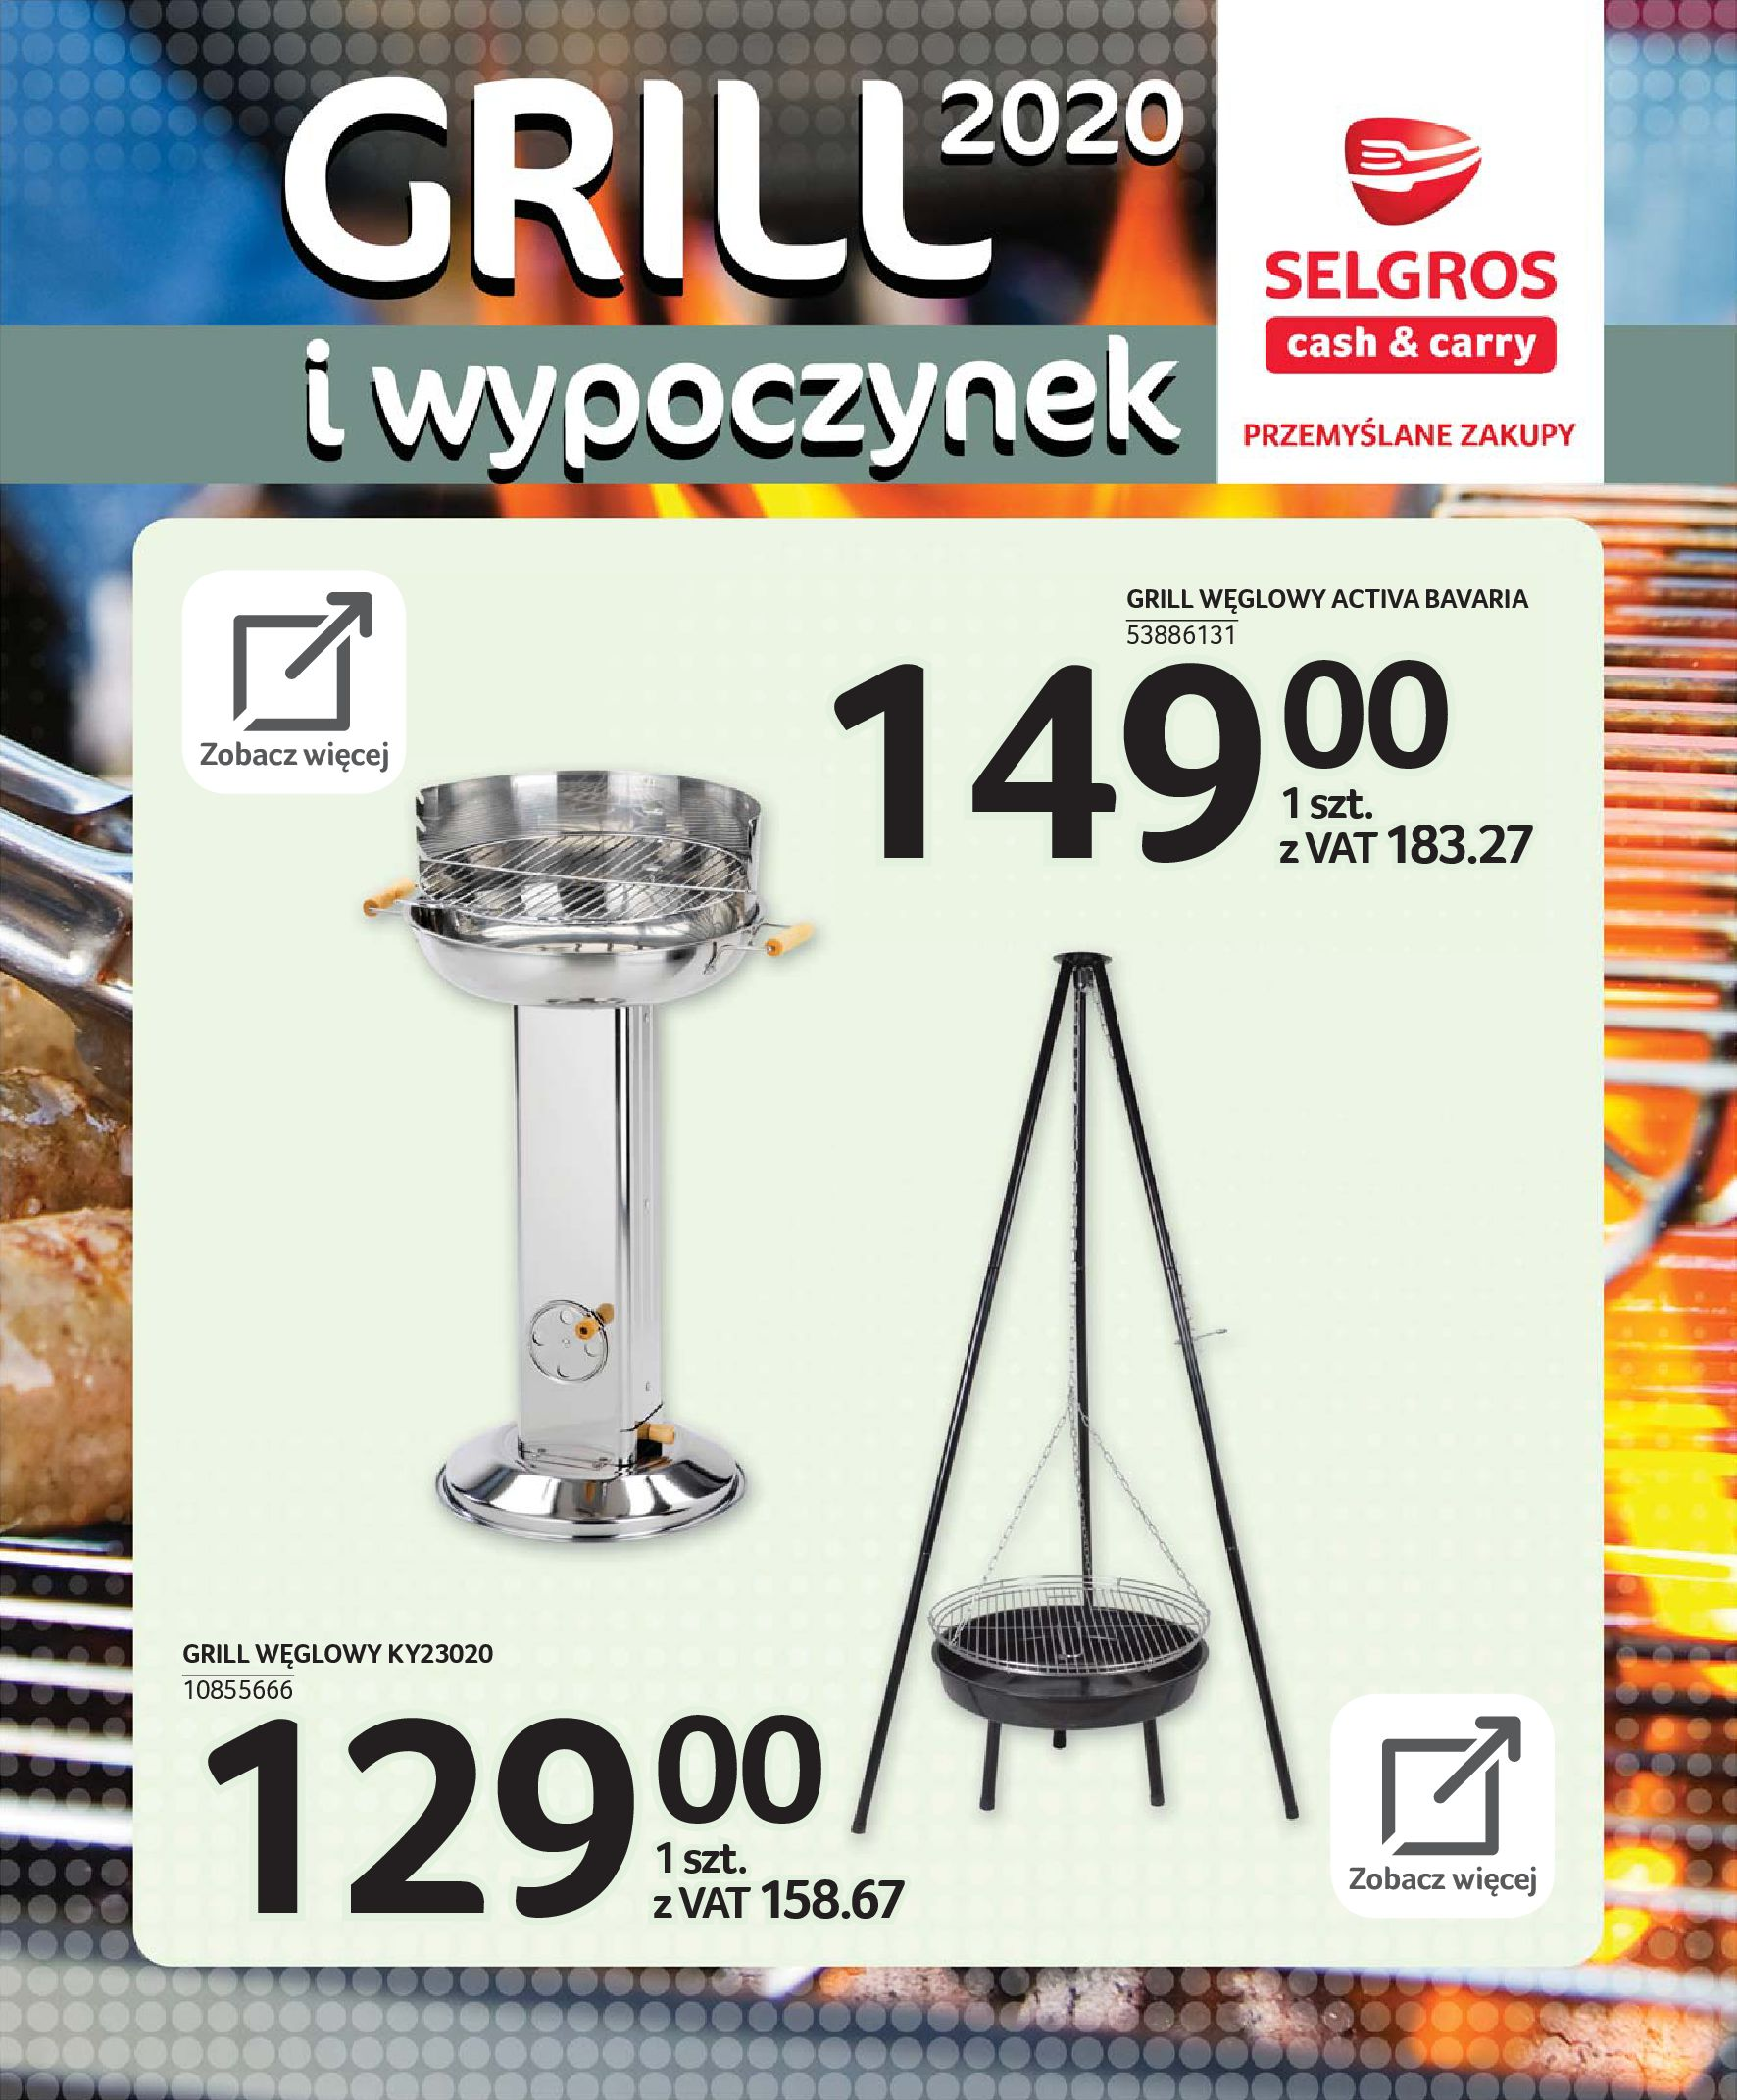 Gazetka Selgros - Katalog - Grill i wypoczynek-31.03.2020-31.08.2020-page-69